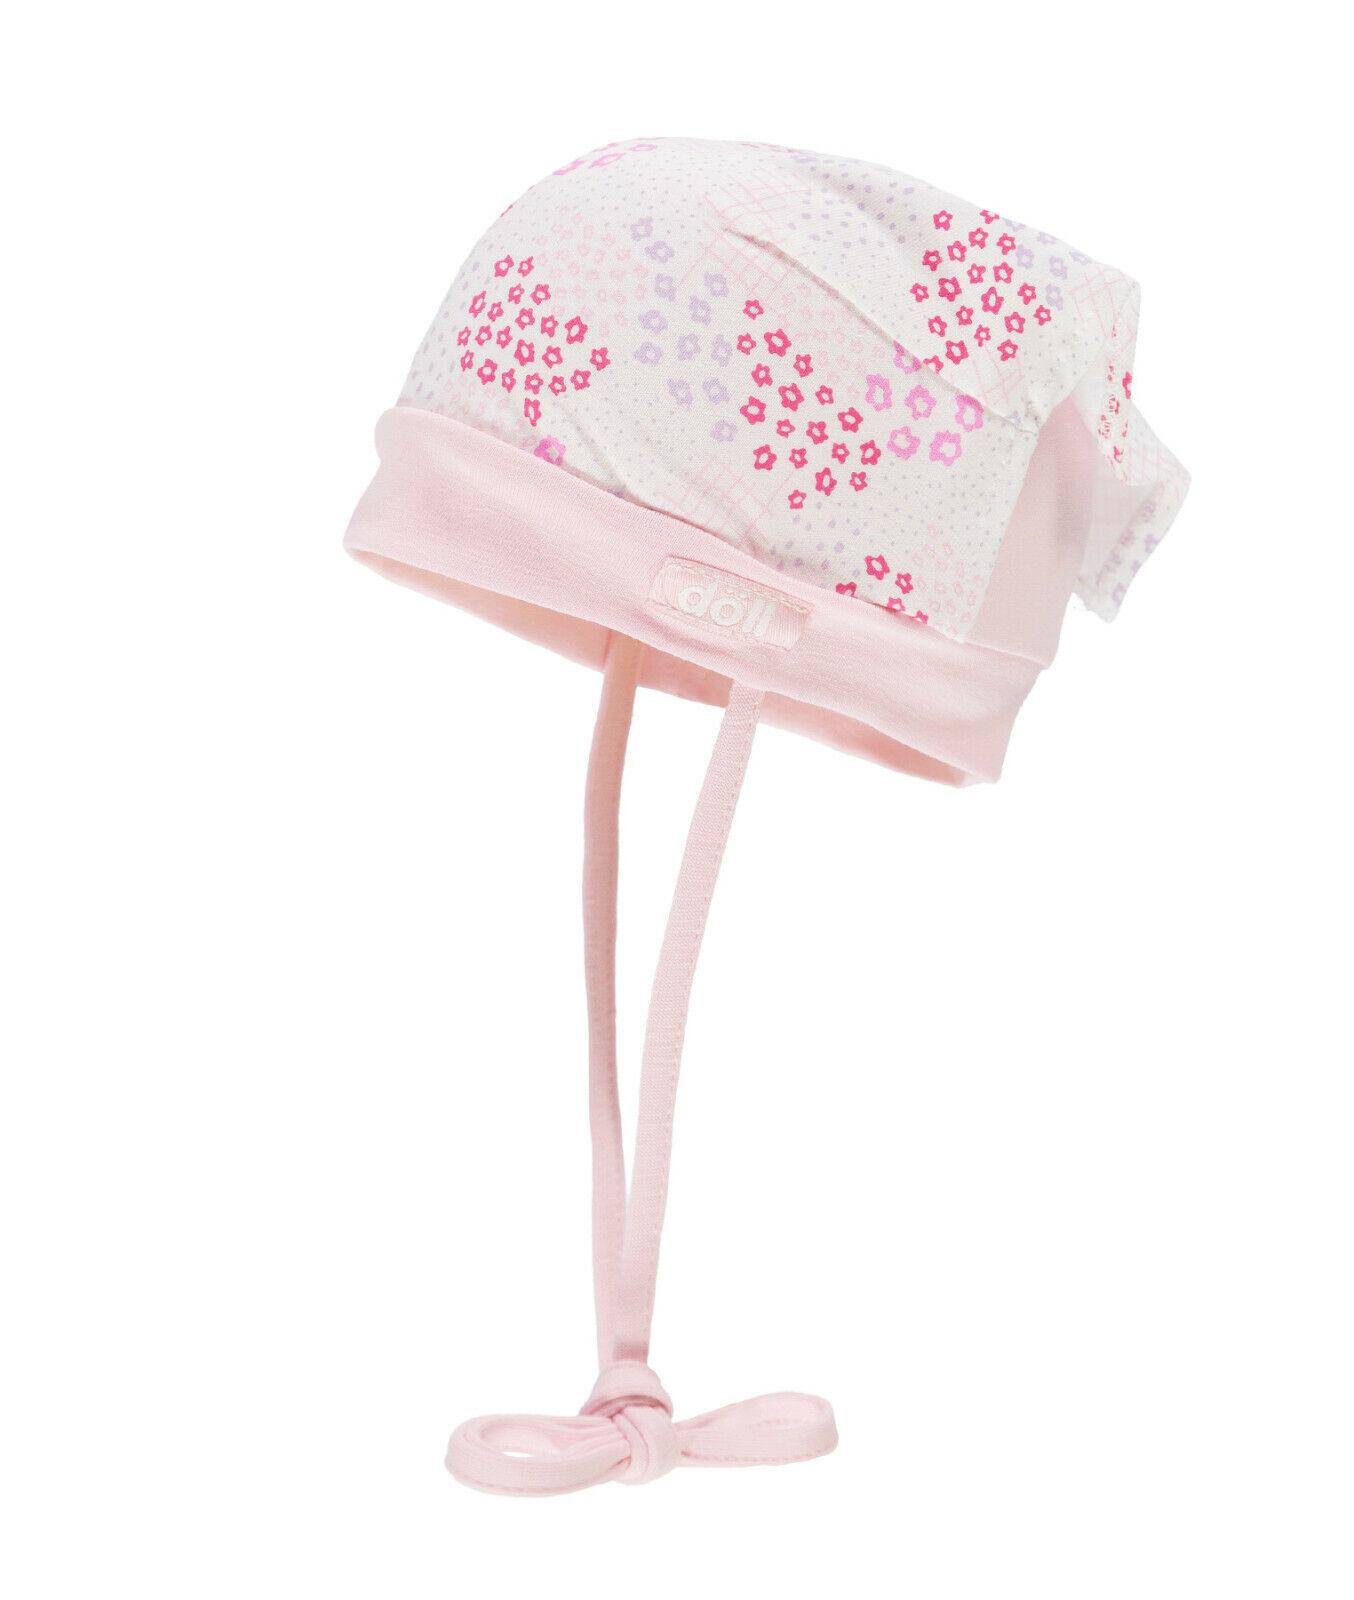 DÖLL® Baby Mädchen Binde-Kopftuch Mütze 39-49 Sommer 2019 NEU!